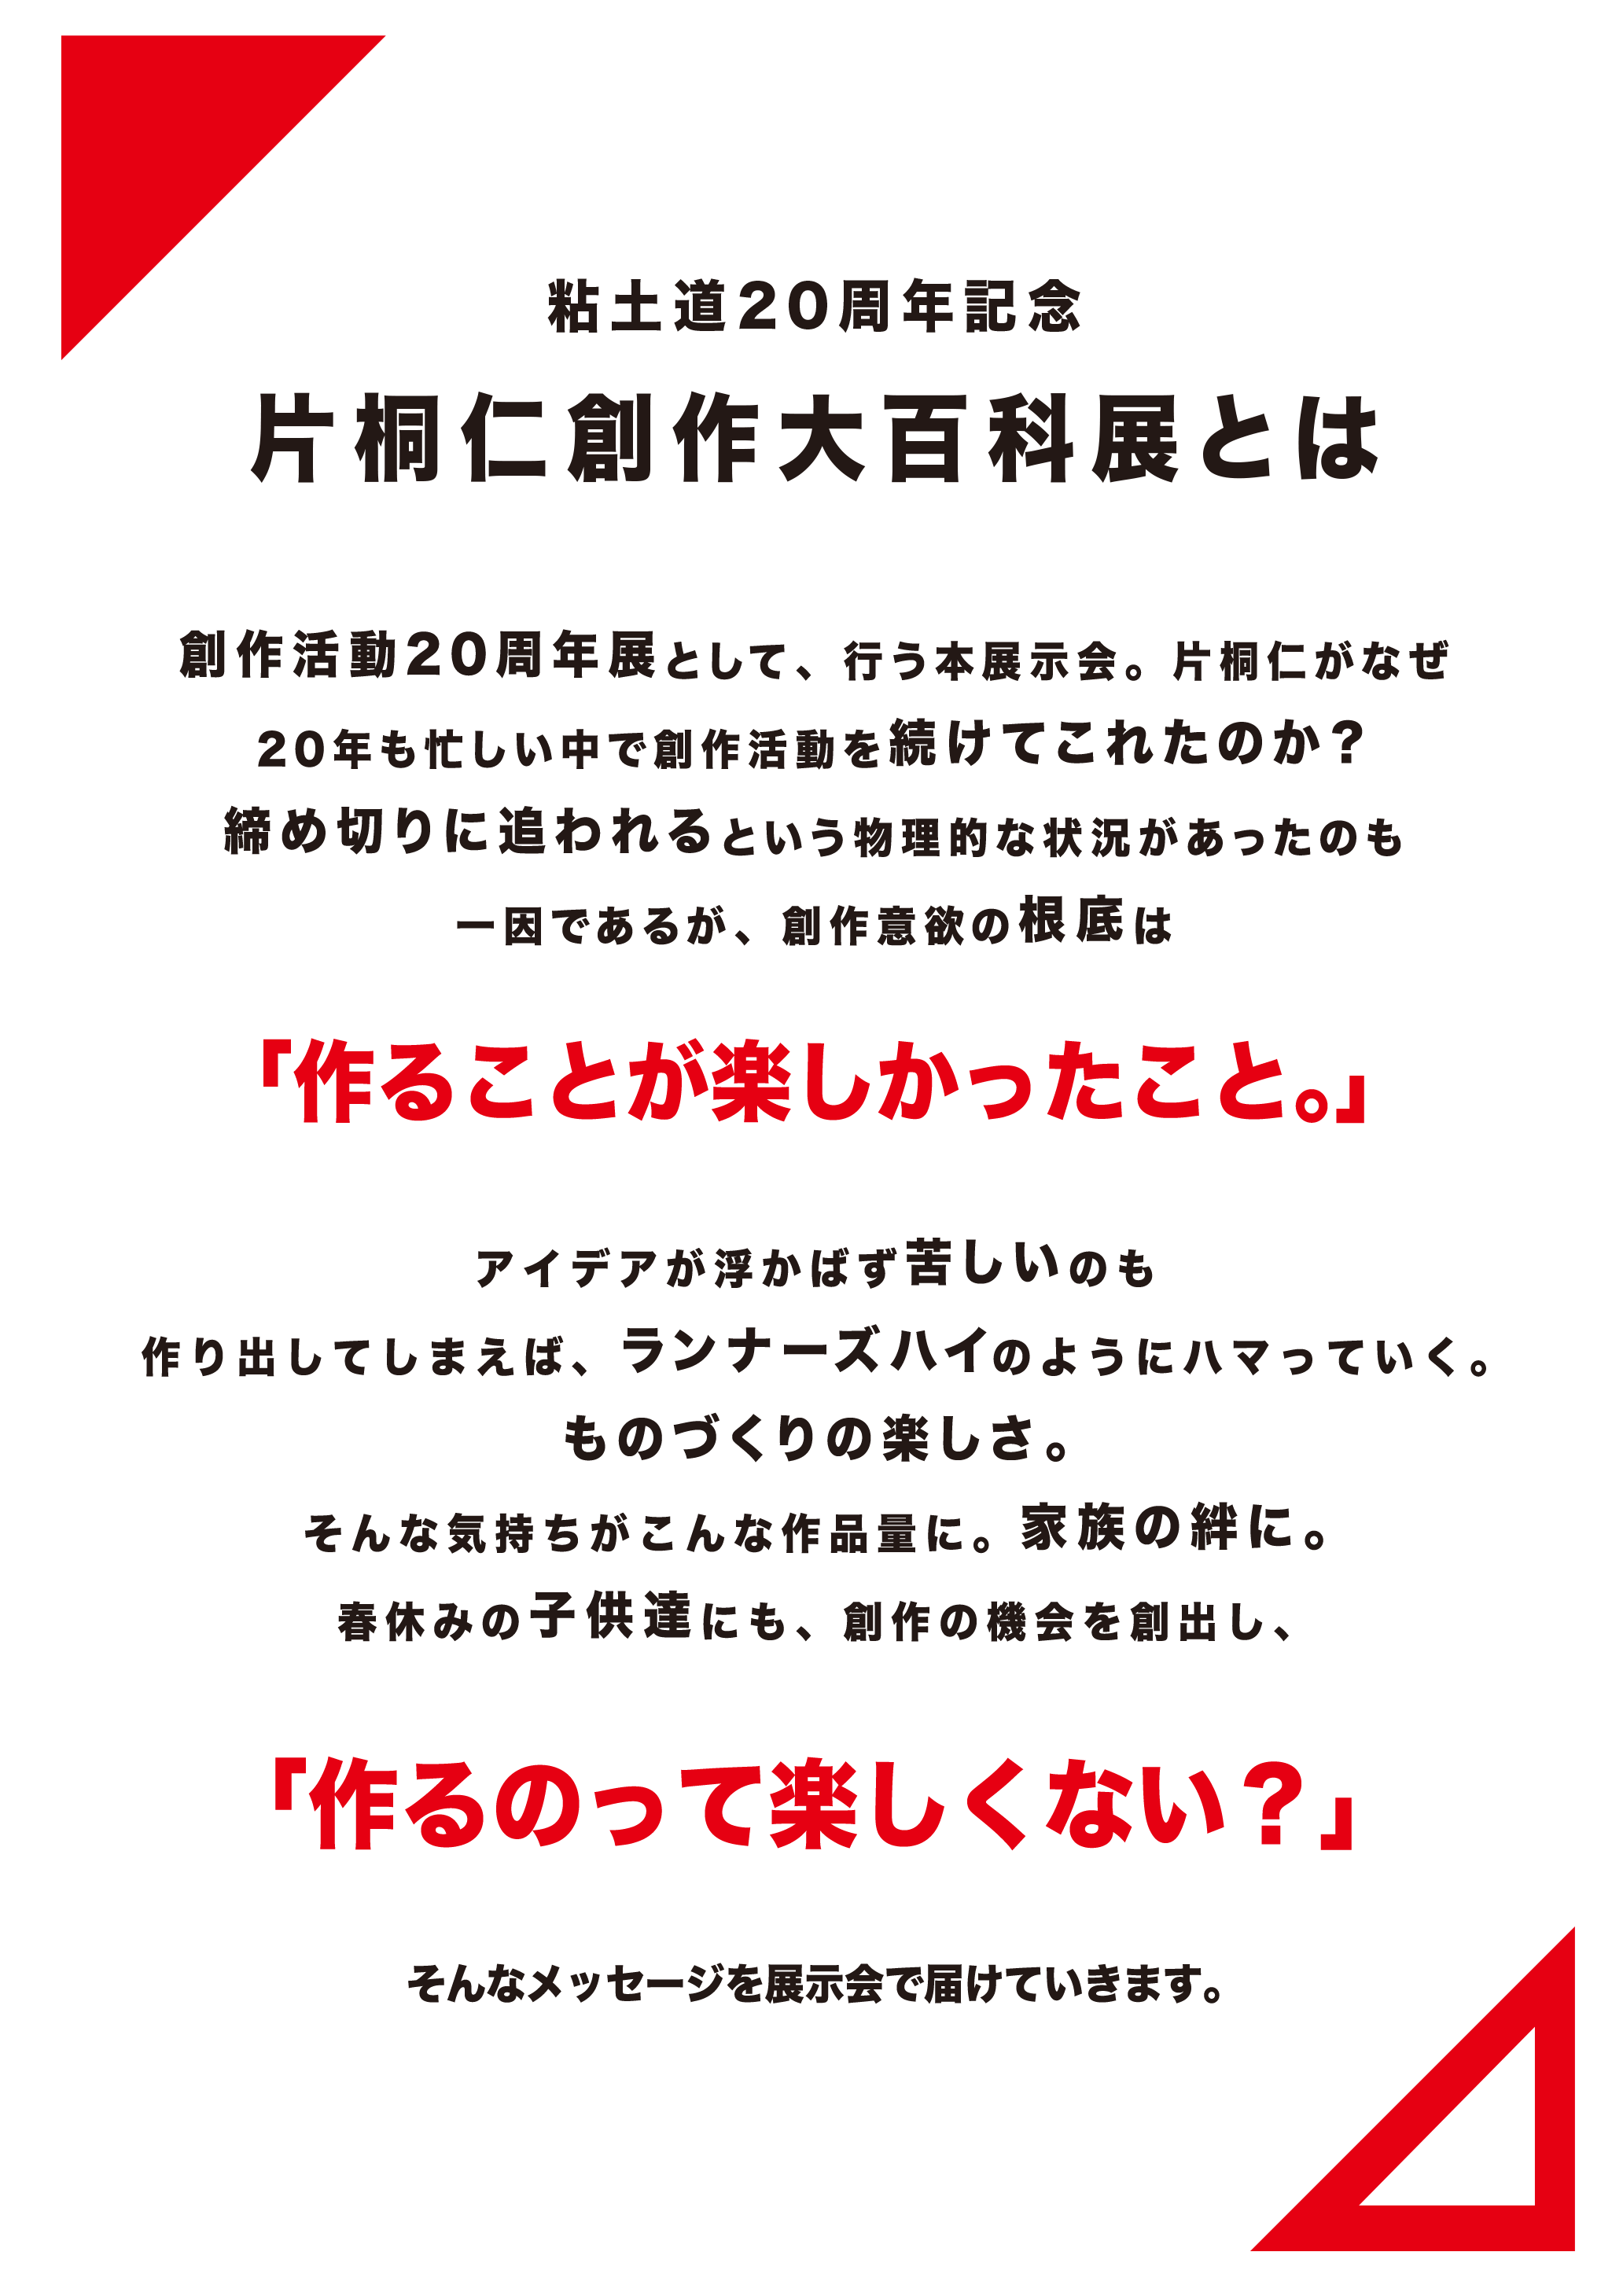 粘土道20周年記念・片桐仁創作大百科展とは